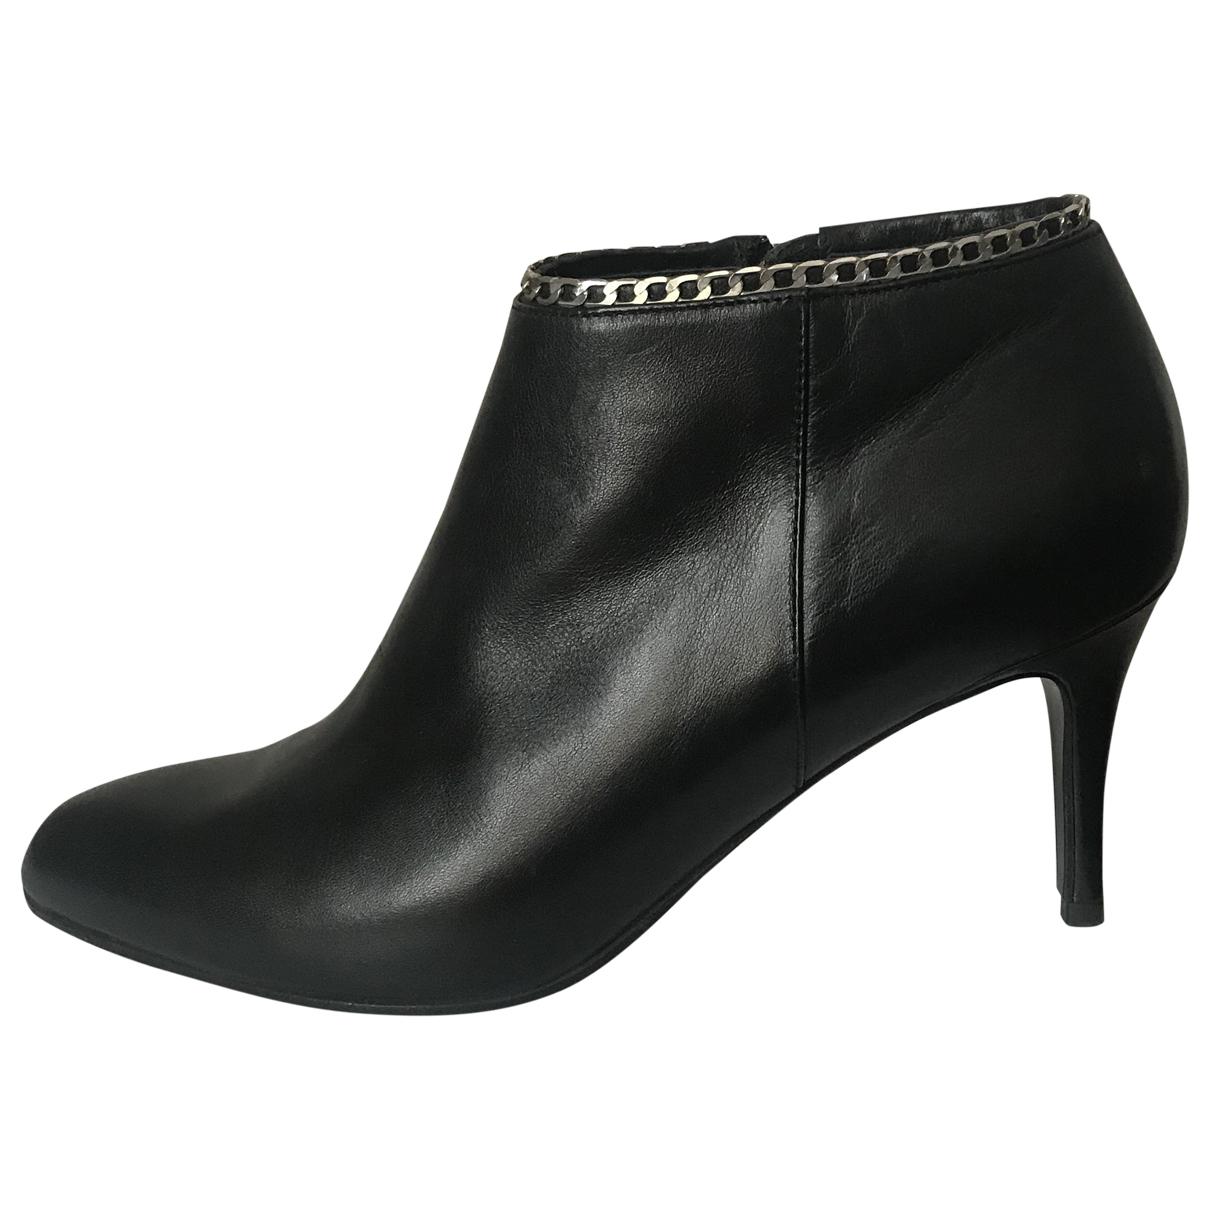 Lk Bennett \N Black Leather Ankle boots for Women 38 EU